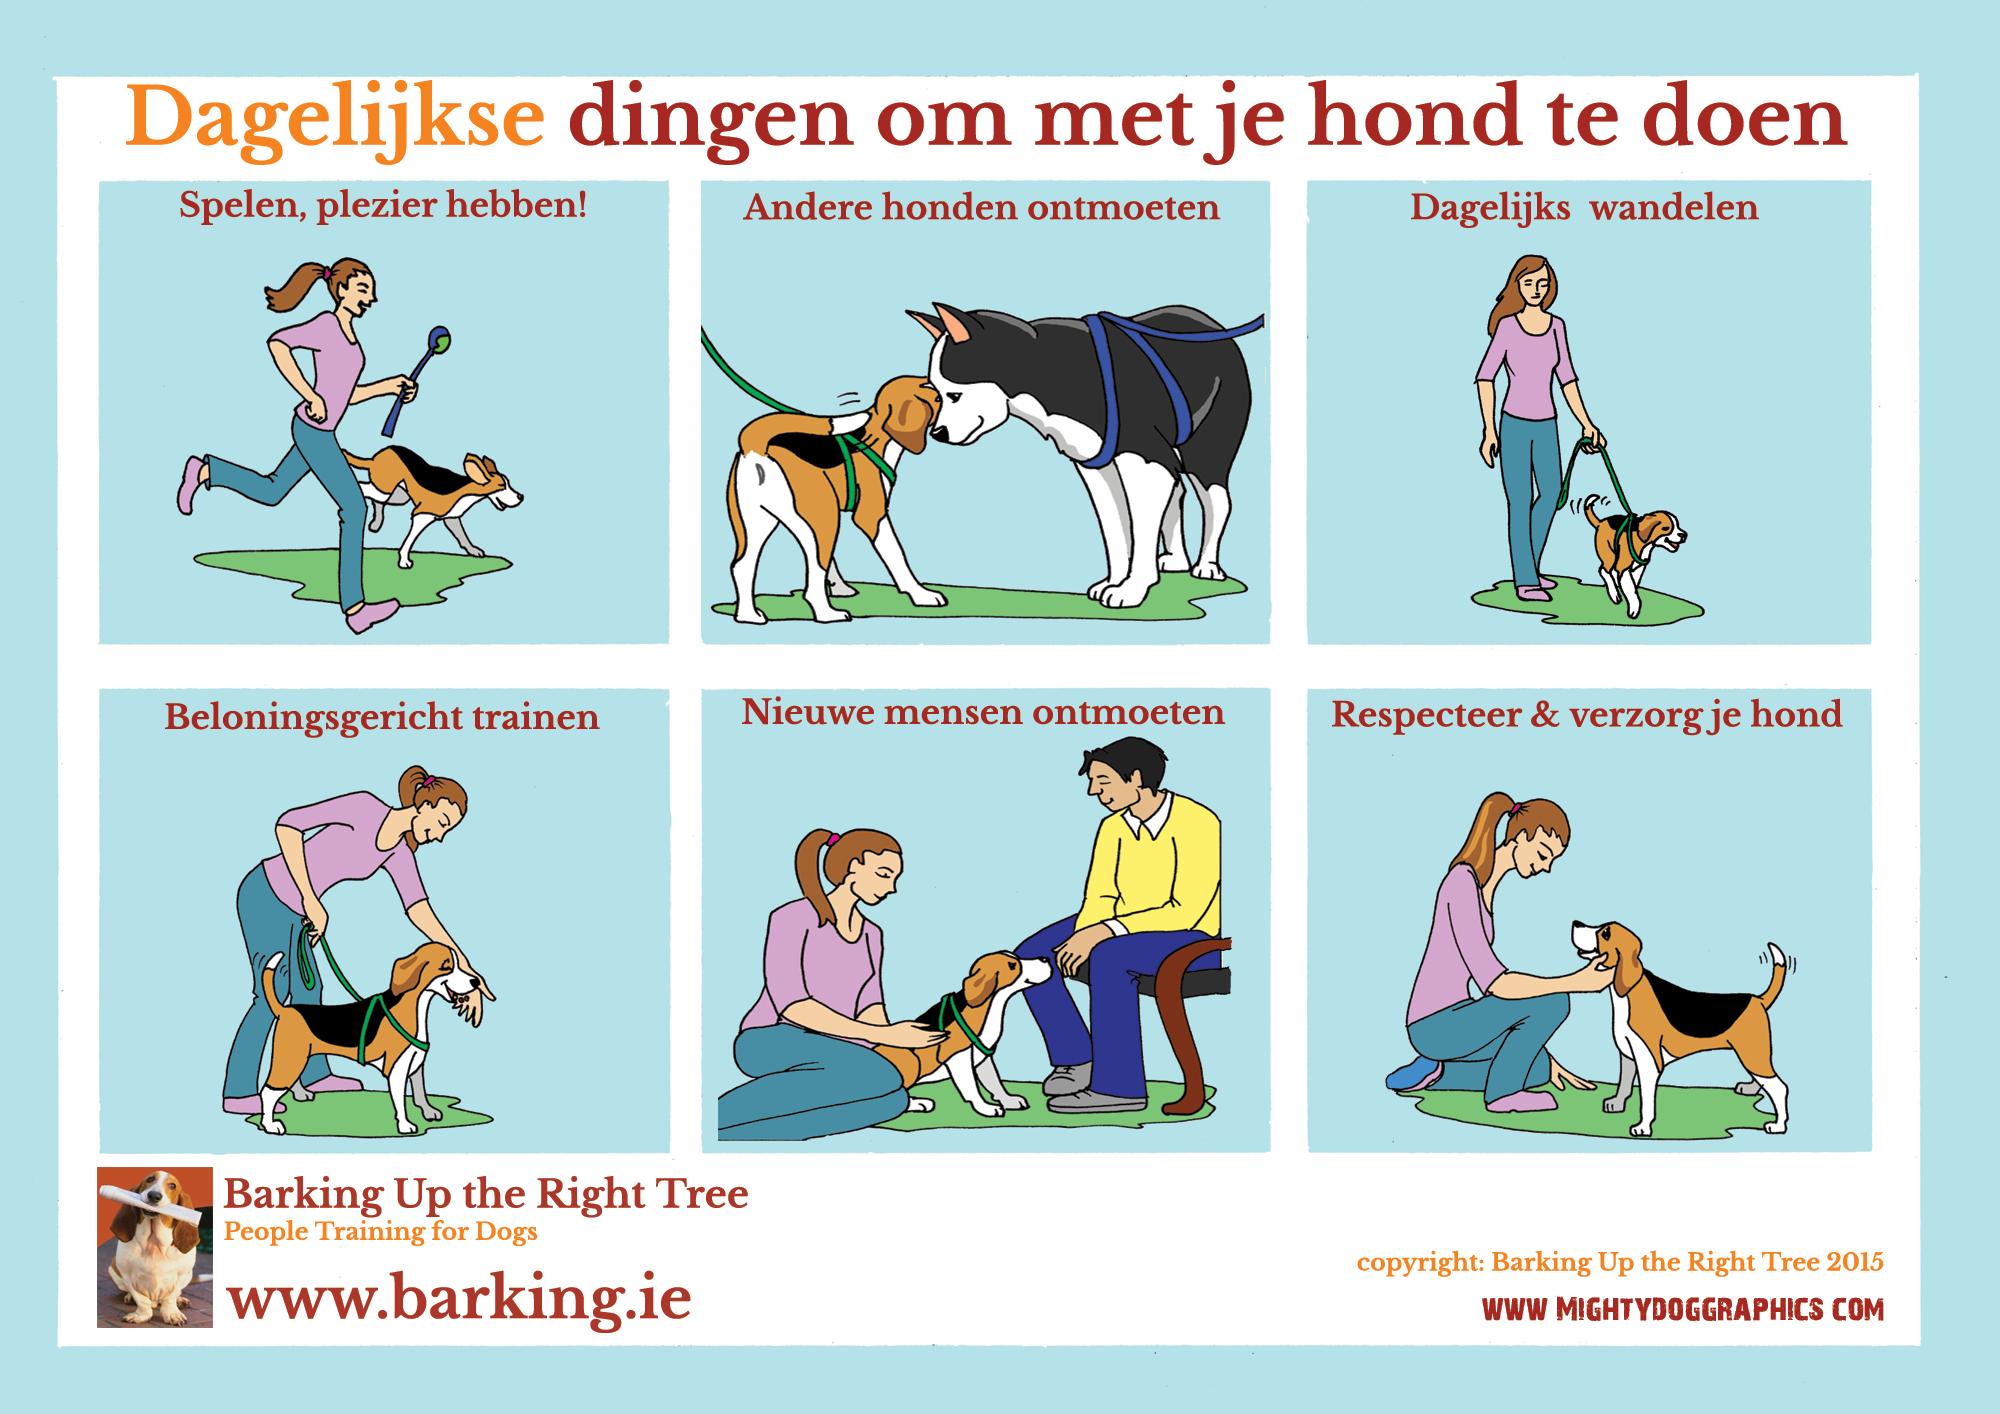 Dagelijkse dingen om met je hond te doen